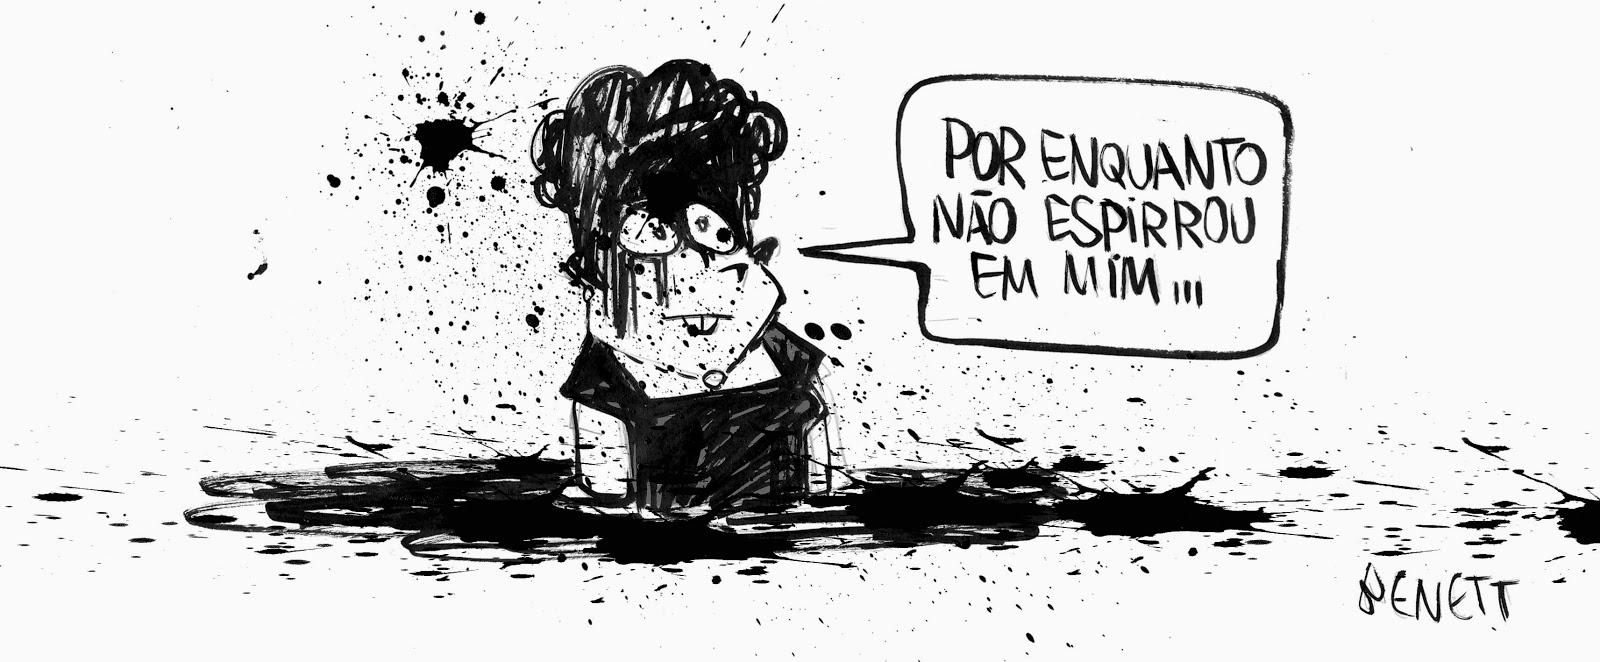 Alberto Benett: Dilma Rousseff.